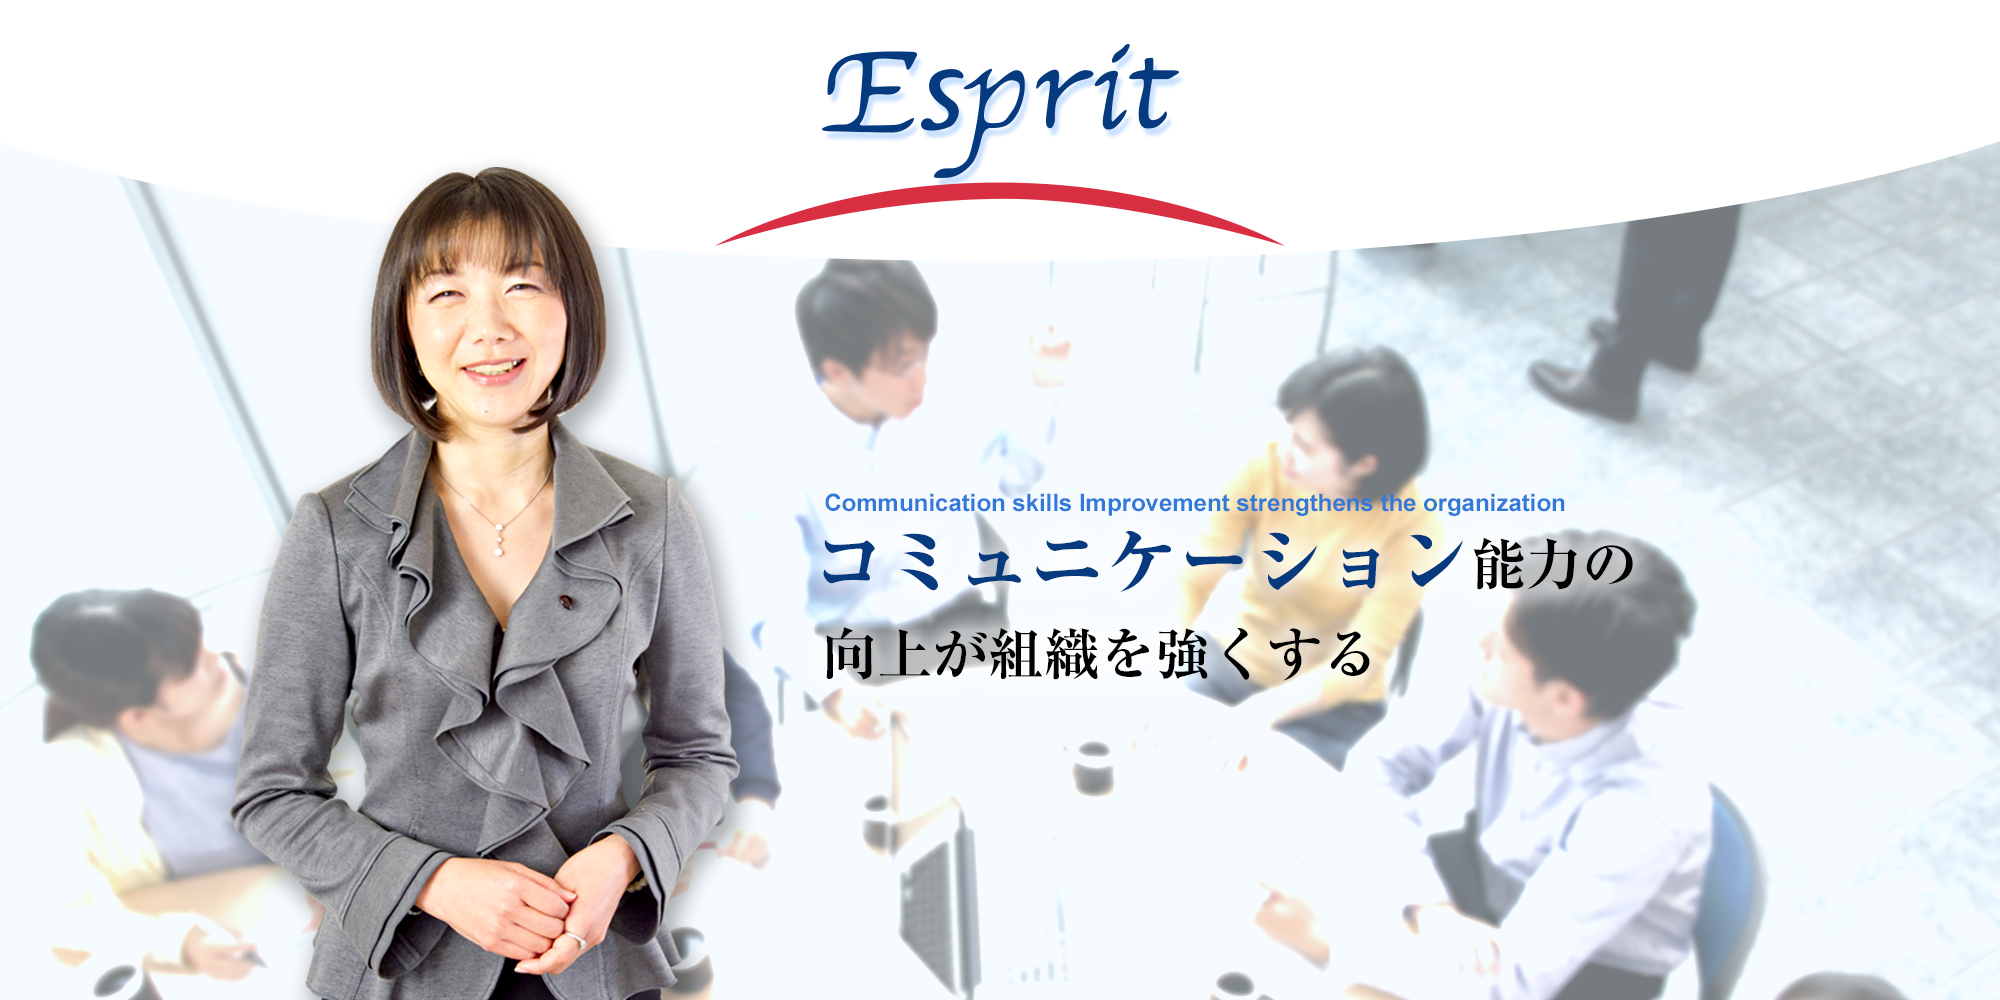 メンタルトレーニングの研修を依頼できるEsprit | コミュニケーション能力の向上が組織を強くする